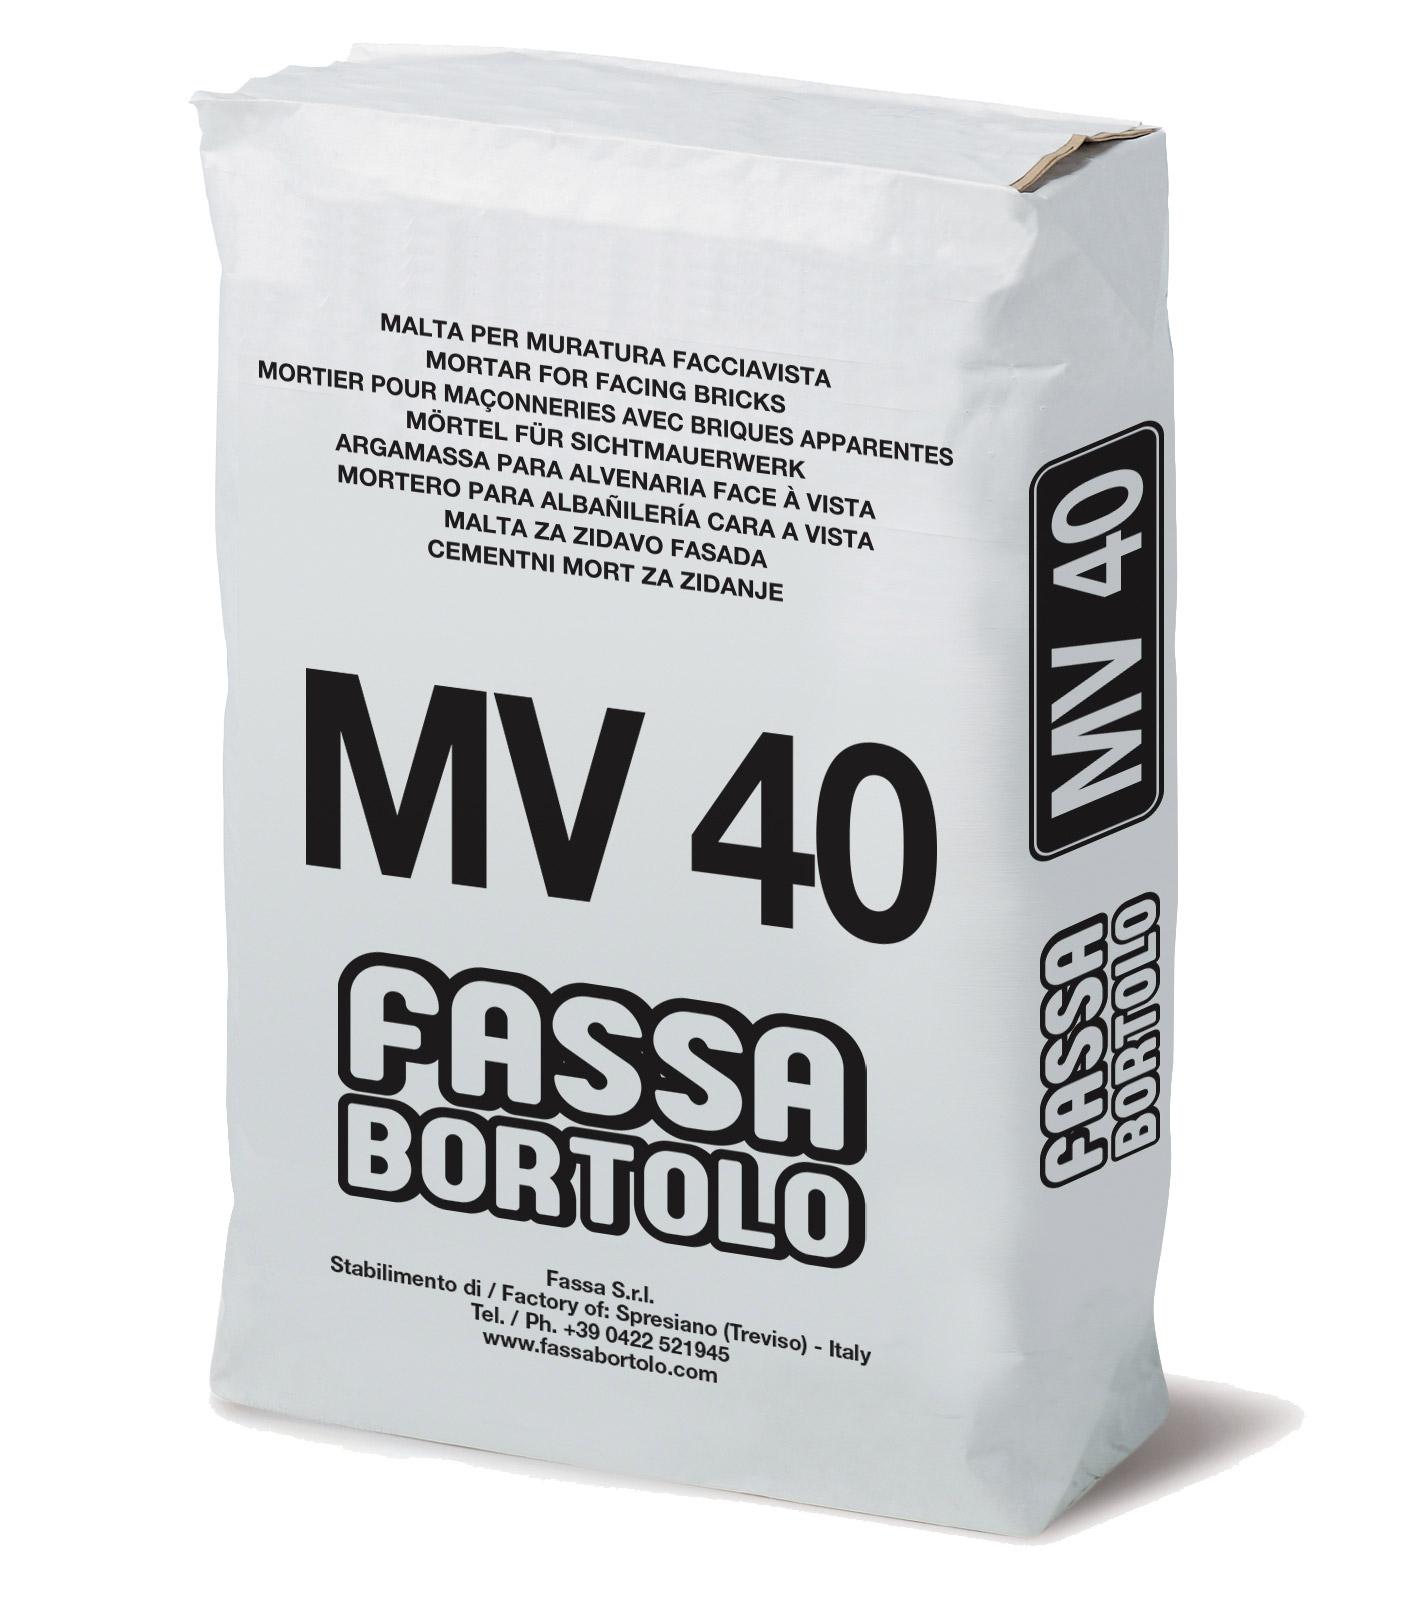 MV 40: Argamassa de alvenaria face à vista à base de cal e cimento para interior e exterior.